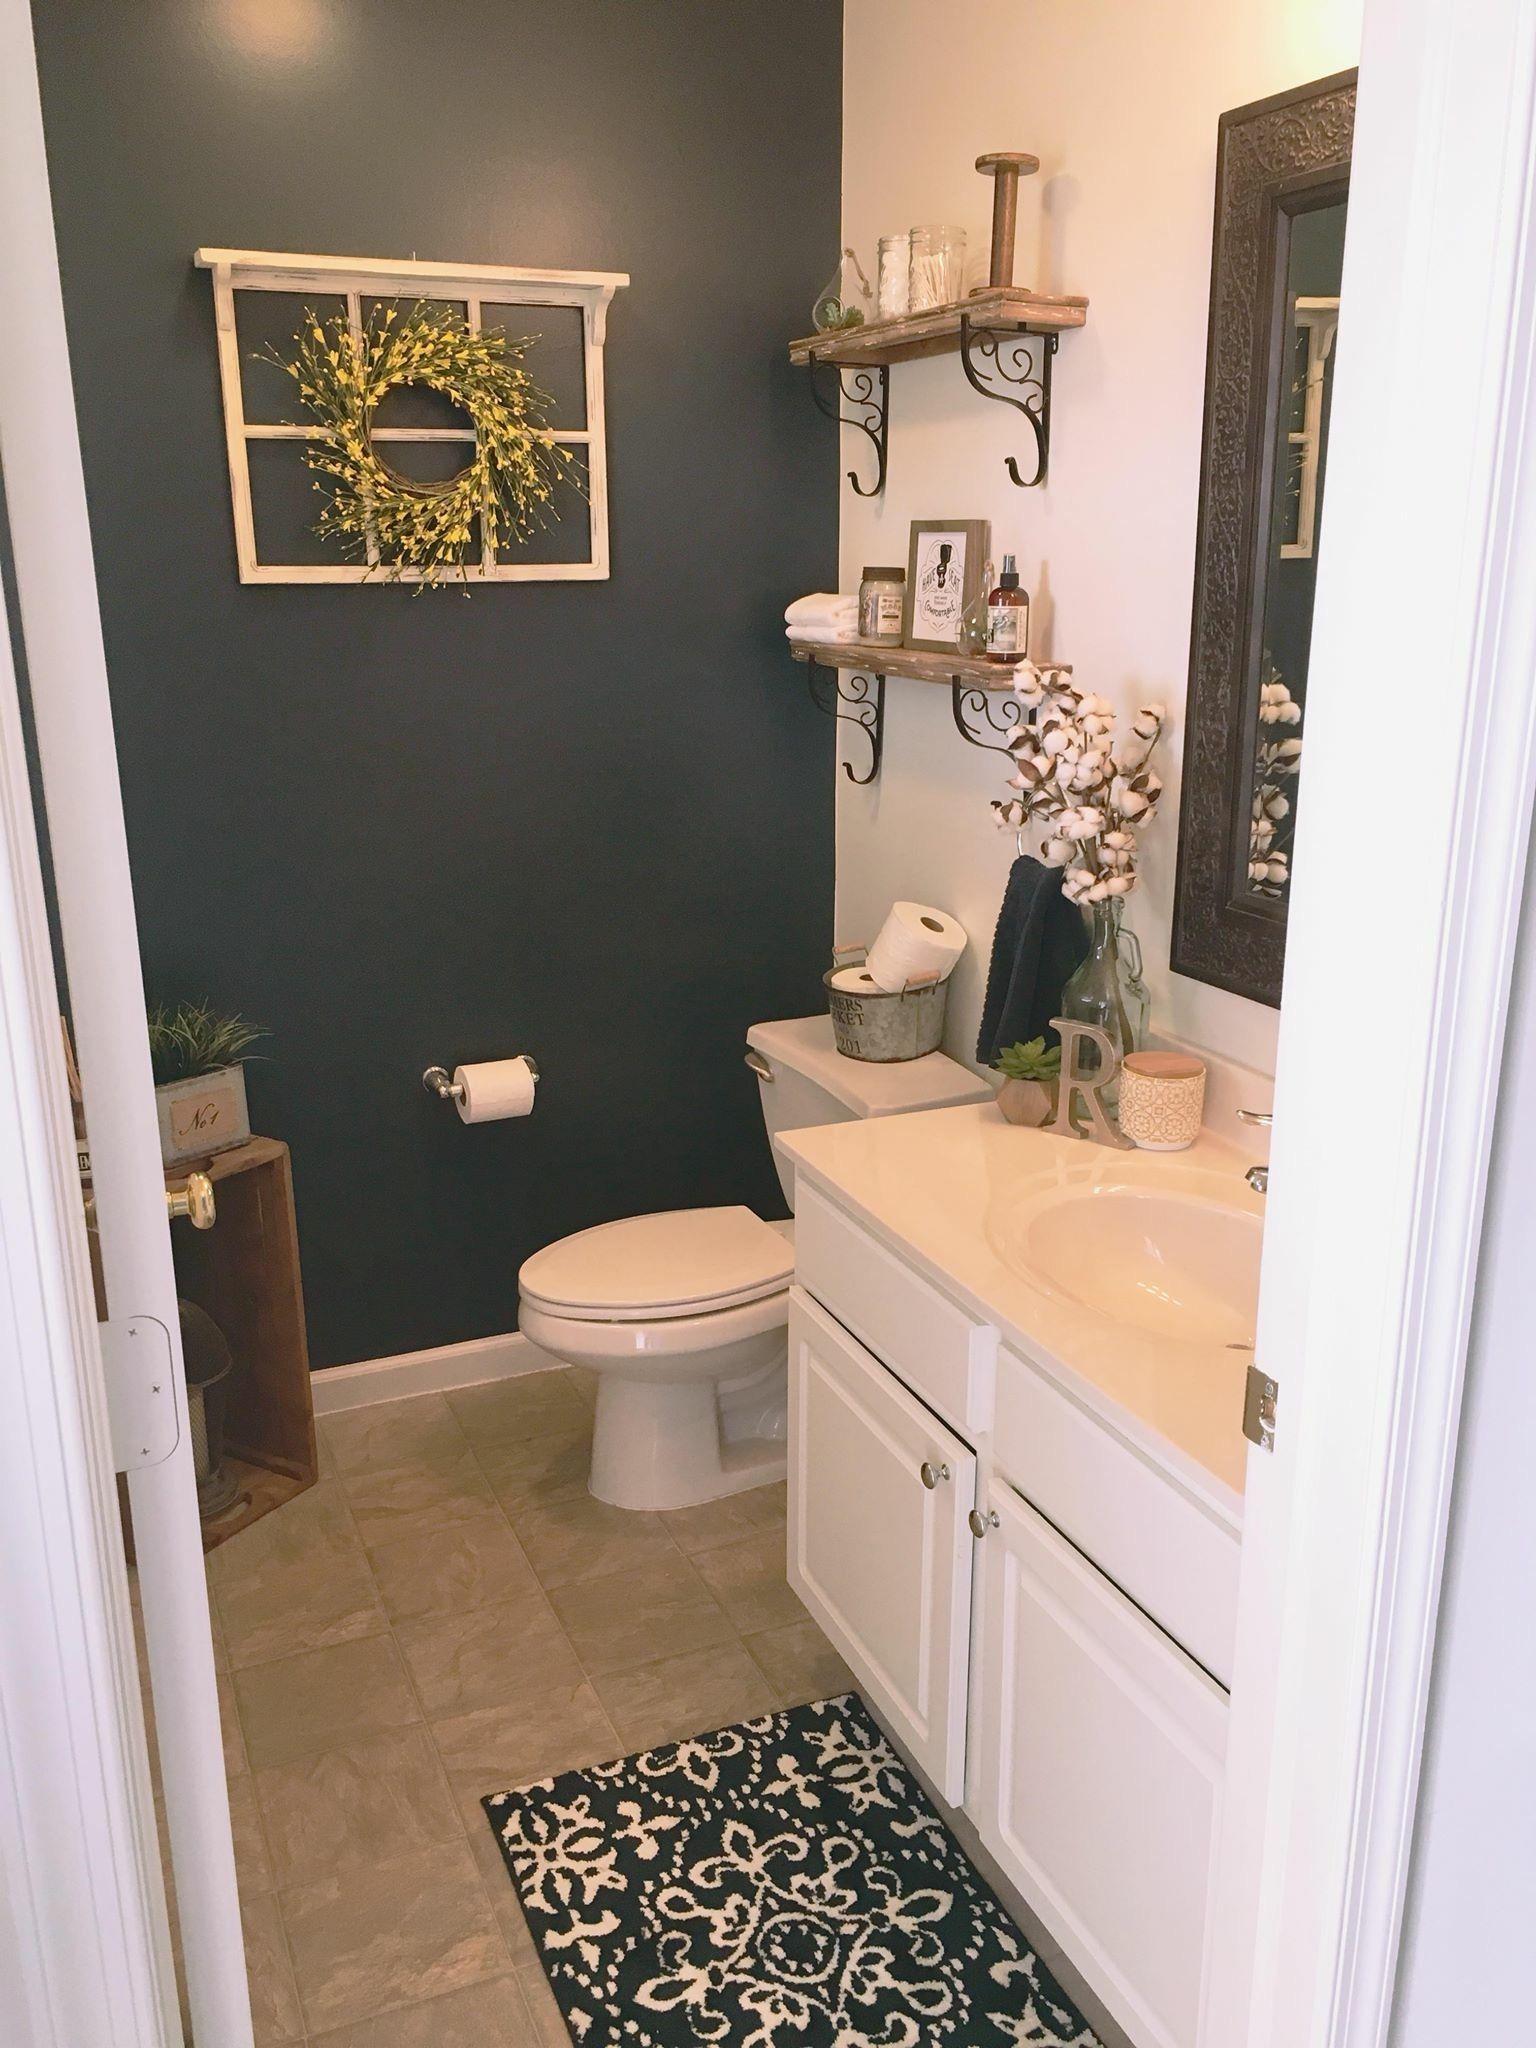 Simple Farmhouse Decor For A Bathroom Farmhousebathroomdecor Farmhousedecor Bathroomdecor Rusti Guest Bathrooms Farmhouse Bathroom Decor Blue Accent Walls